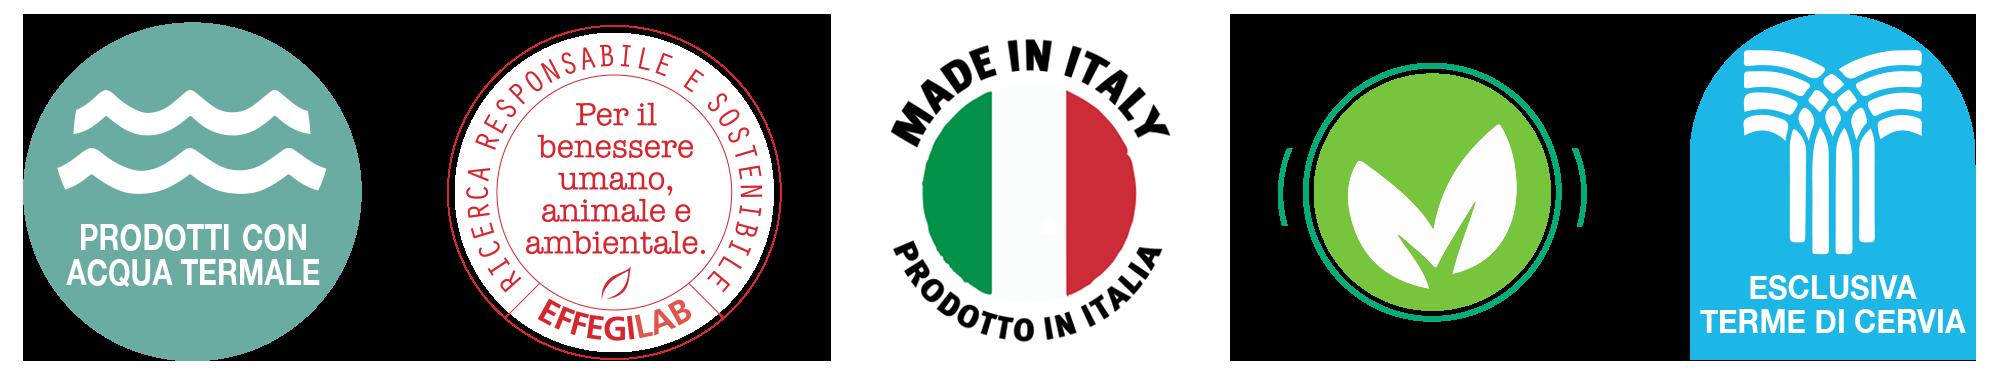 Qualità Liman Termae, cosmetici a base di Acqua Termale e principi benefici naturali, prodotti in Italia